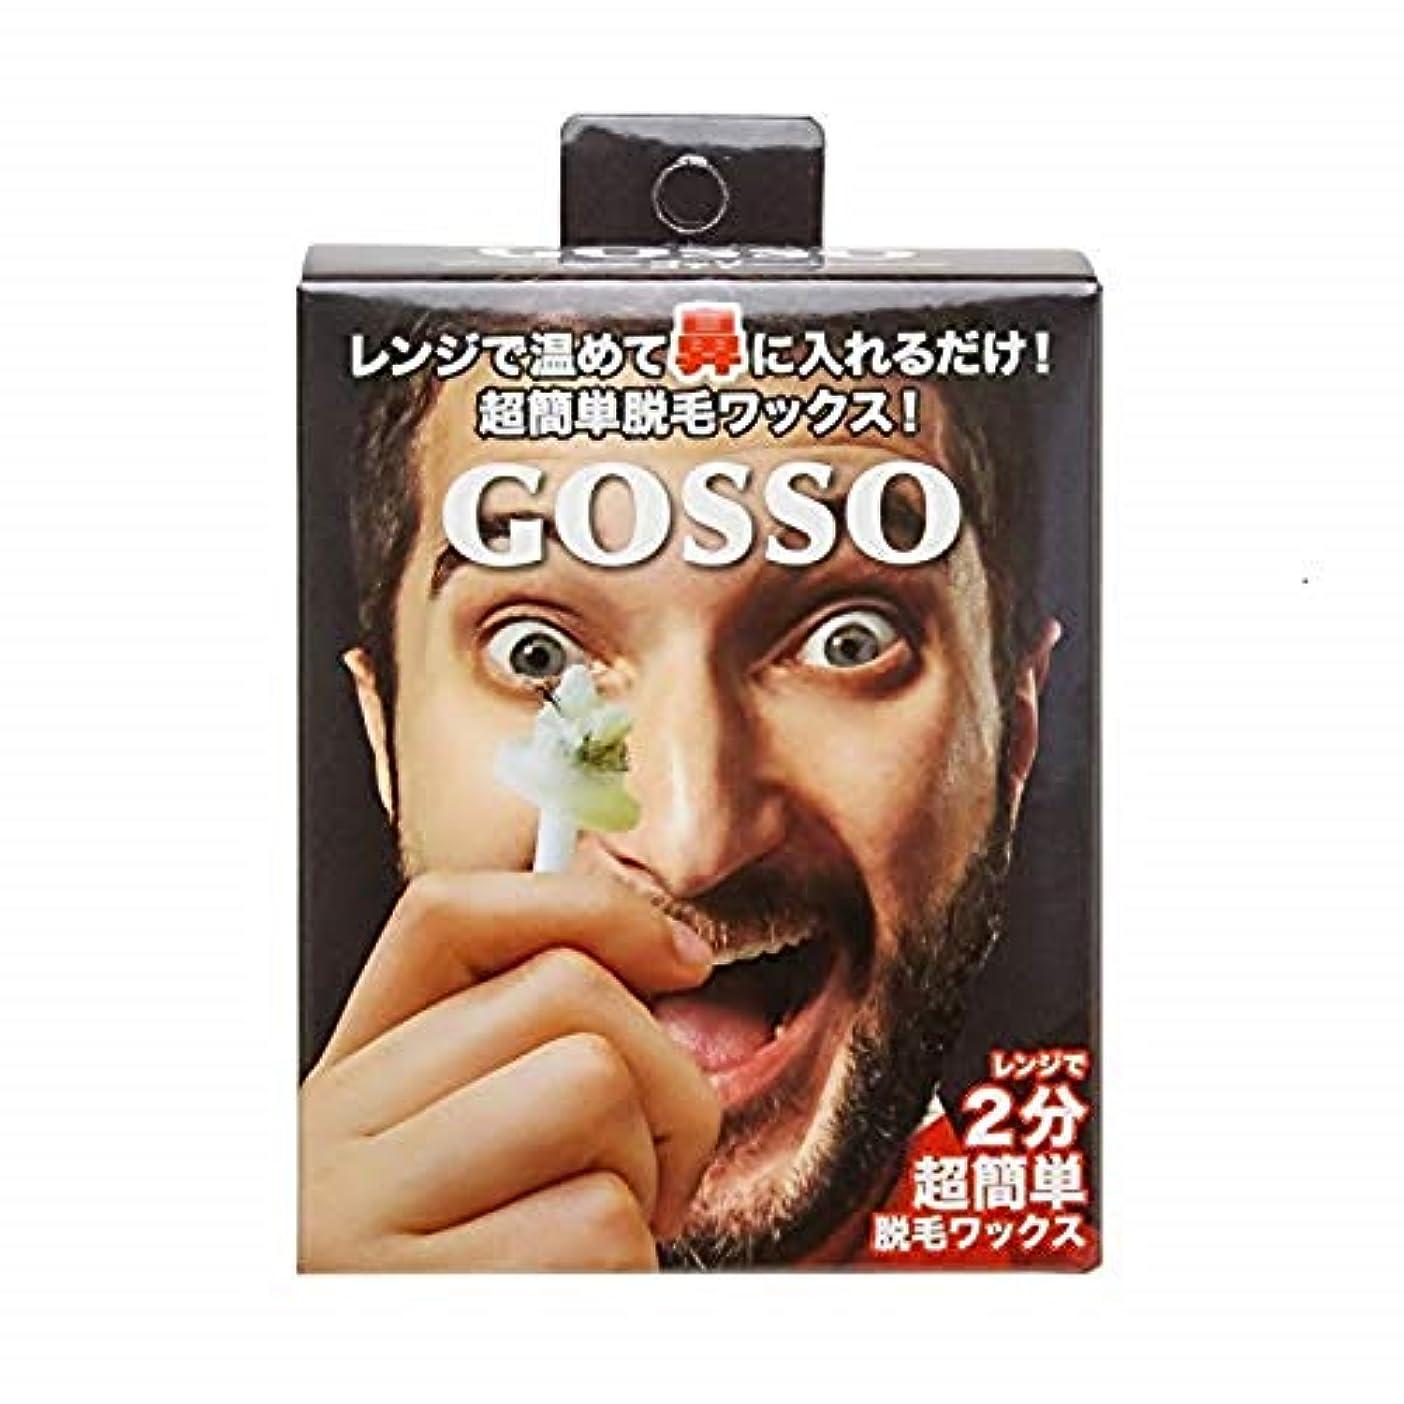 ワゴンバンドルホームレスGOSSO ゴッソ (ブラジリアンワックス鼻毛脱毛セット) (セット, 1個)